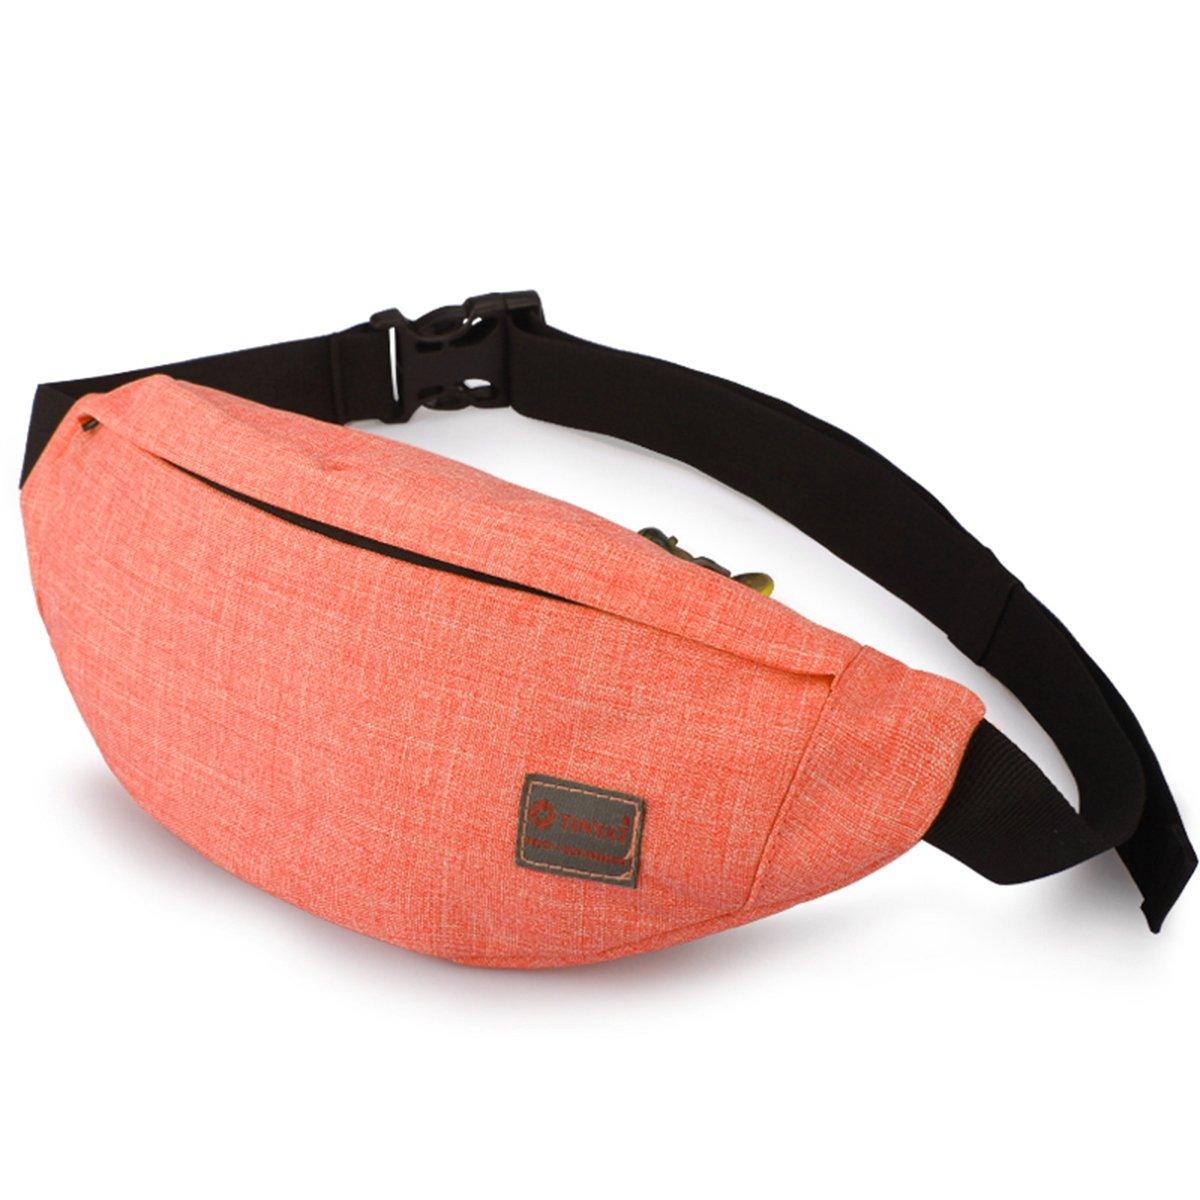 Trousse /À Outils T206, TINYAT Version am/élior/ée Travel Fanny Pack Bum Taille Sac Sling Pocket Super L/éger pour Randonn/ée Caissier Caisse